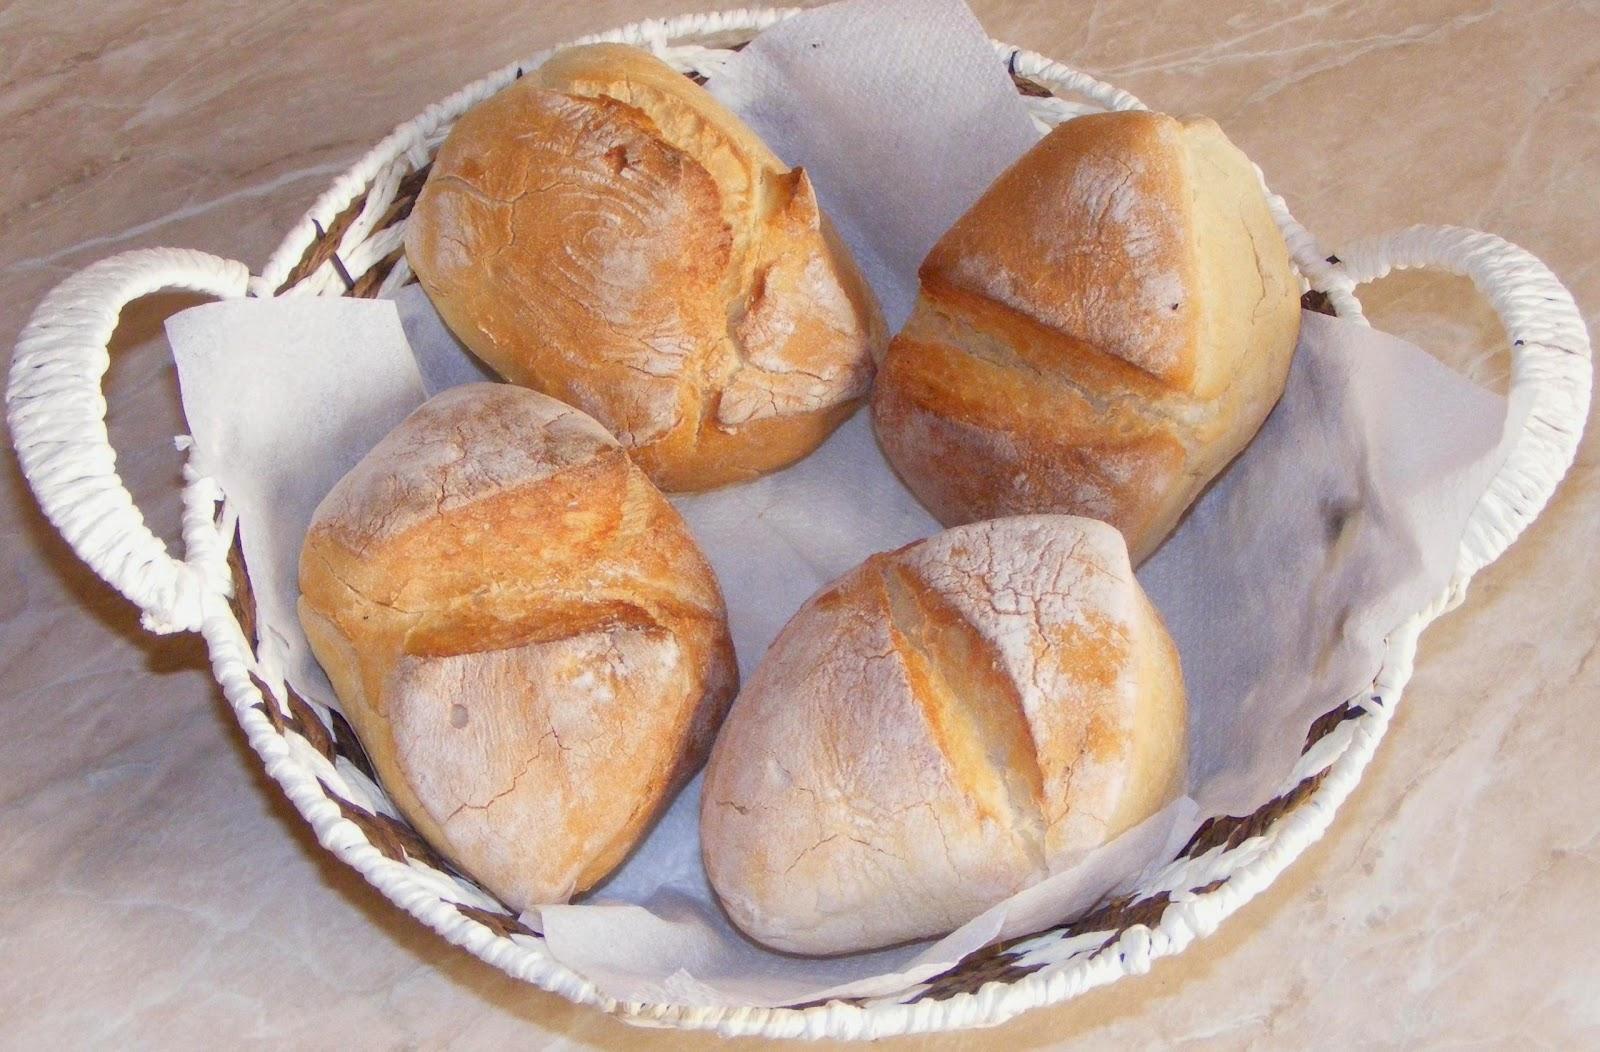 paine, paine de casa, painici, chifle de casa, chifle, retete si preparate culinare de brutarie si panificatie, retete culinare, preparate culinare, paine, paine de casa, produse de panificatie, preparate de panificatie,